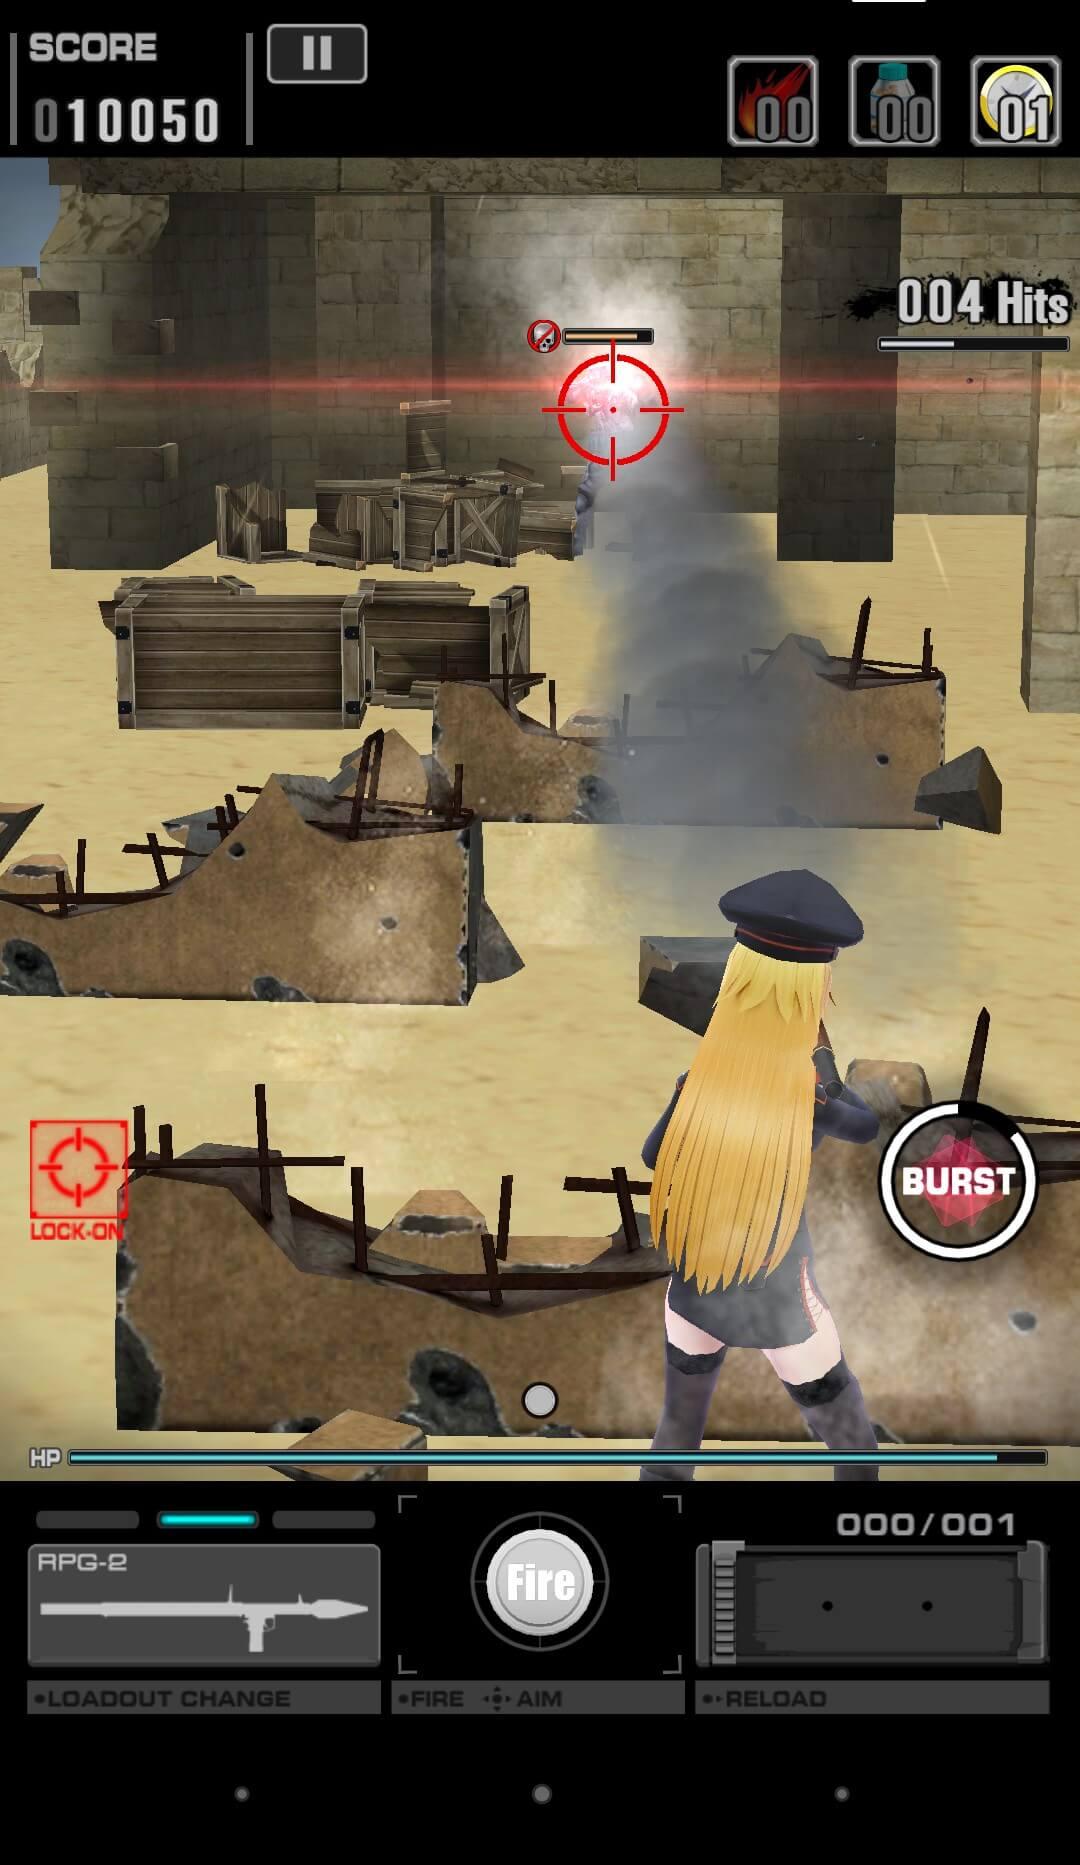 戦闘画面その2